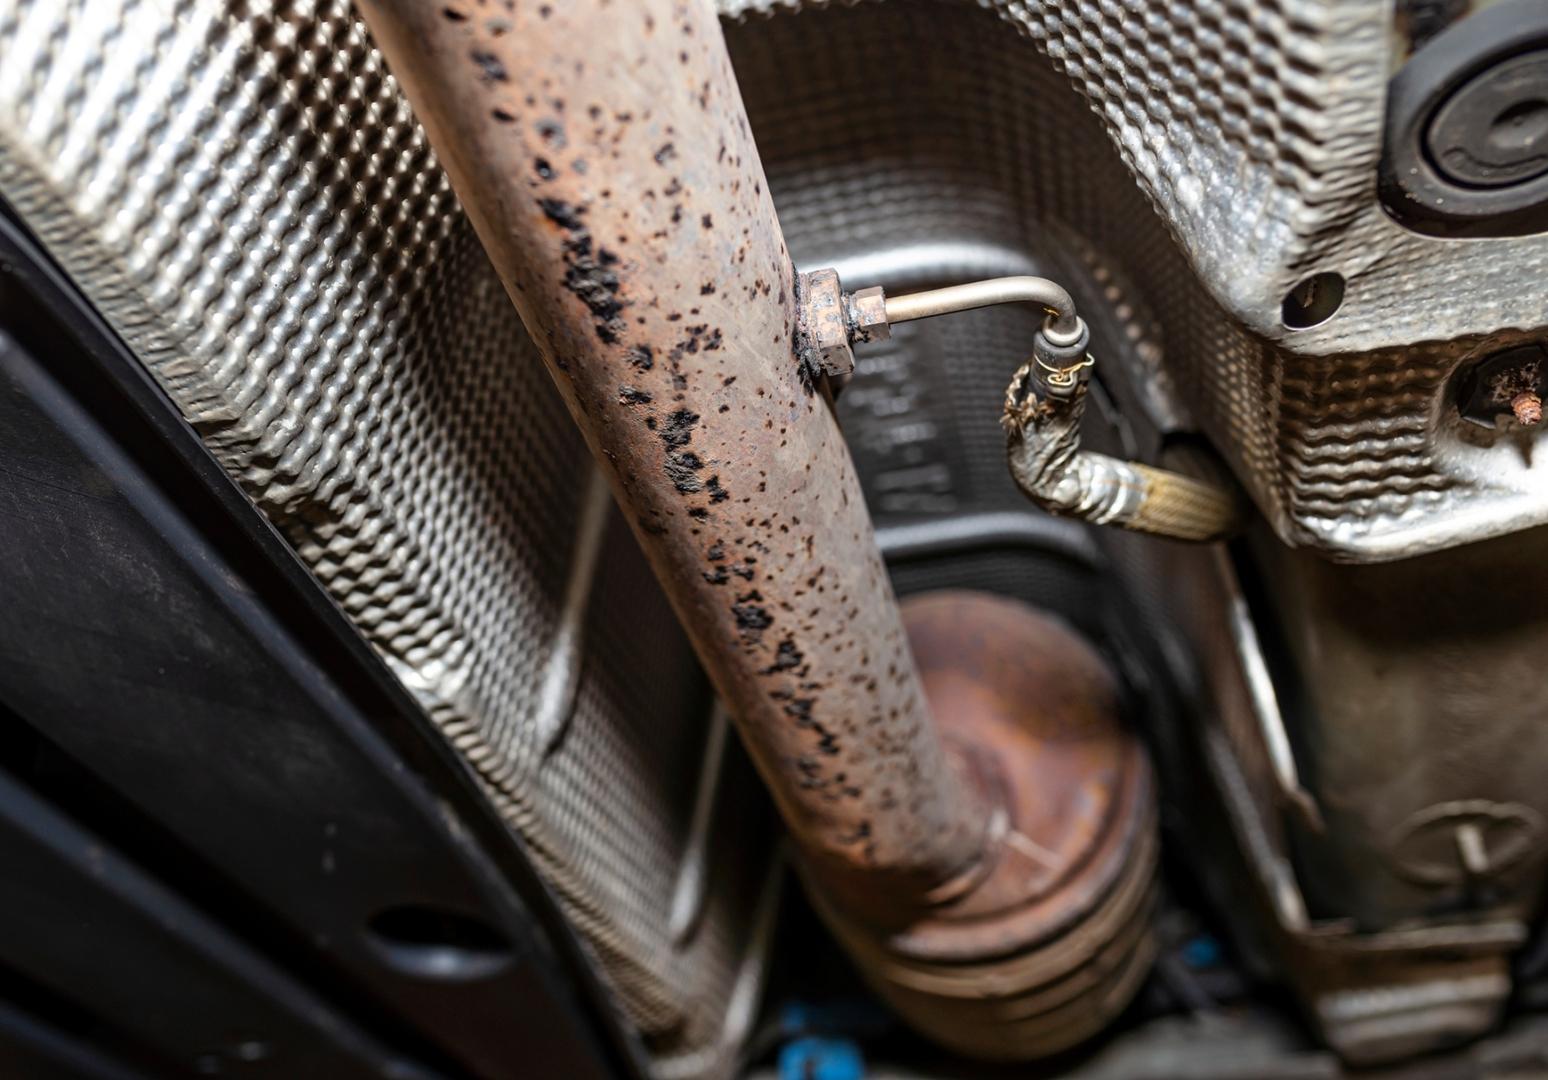 Топ-5 «болячек», которые вскрываются на автомобилях весной